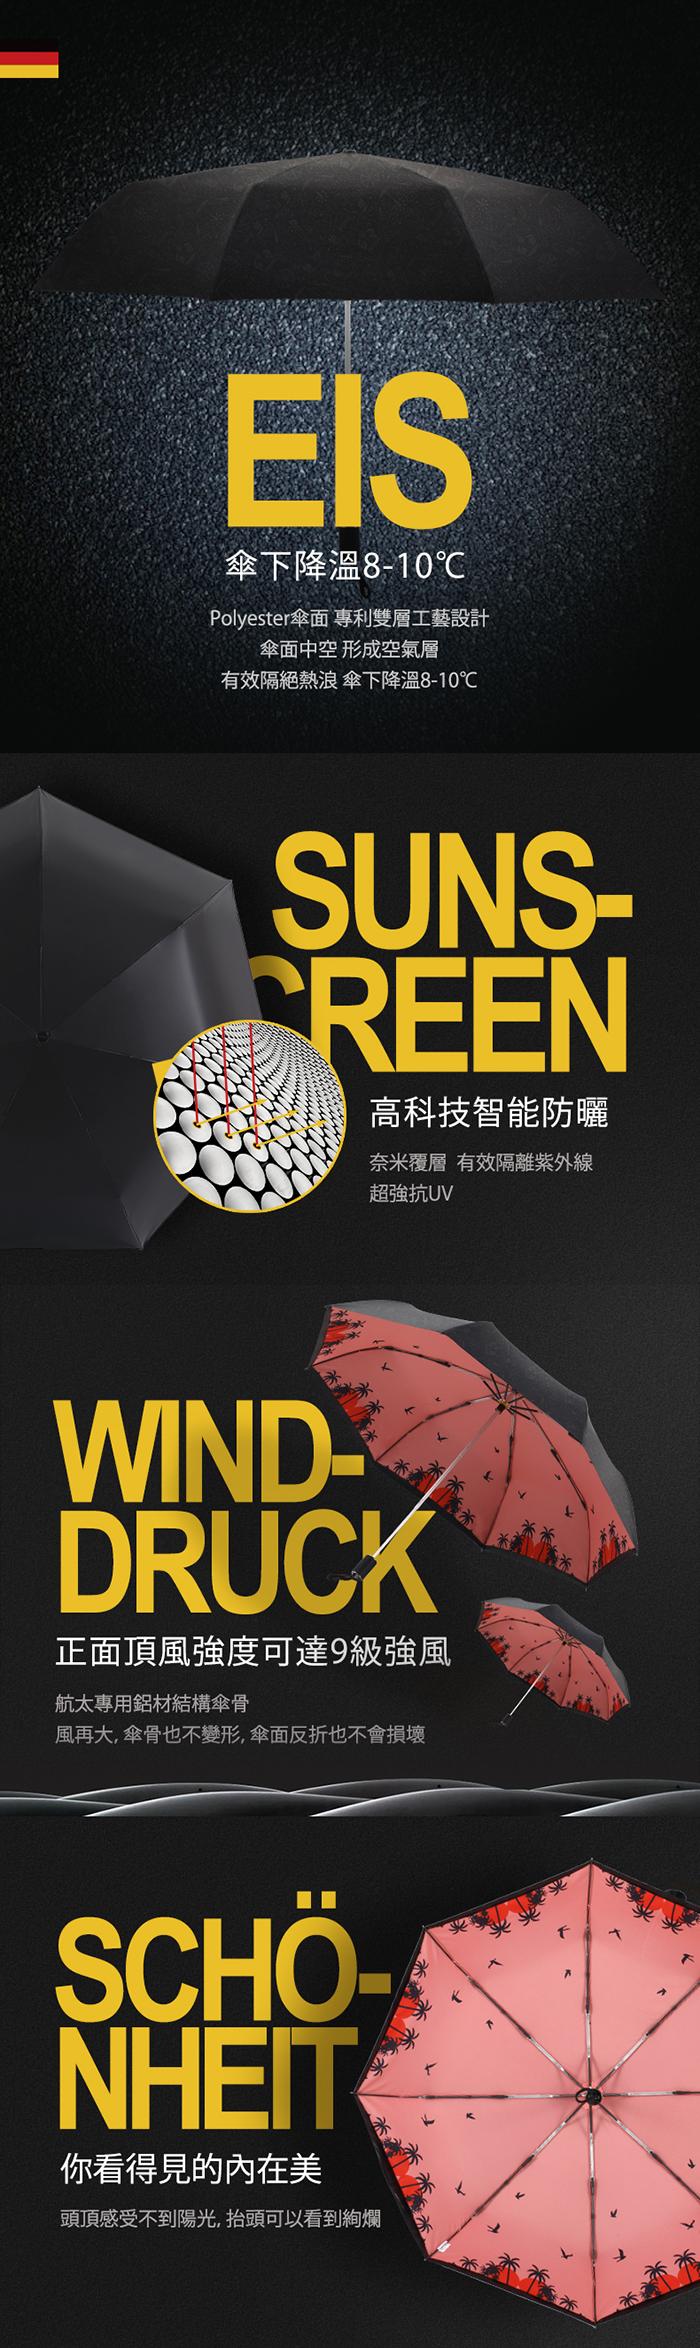 (複製)德國kobold|抗UV零透光智能防曬-驚豔系列-遮陽防曬降溫傘 -雙層三折傘-向日葵